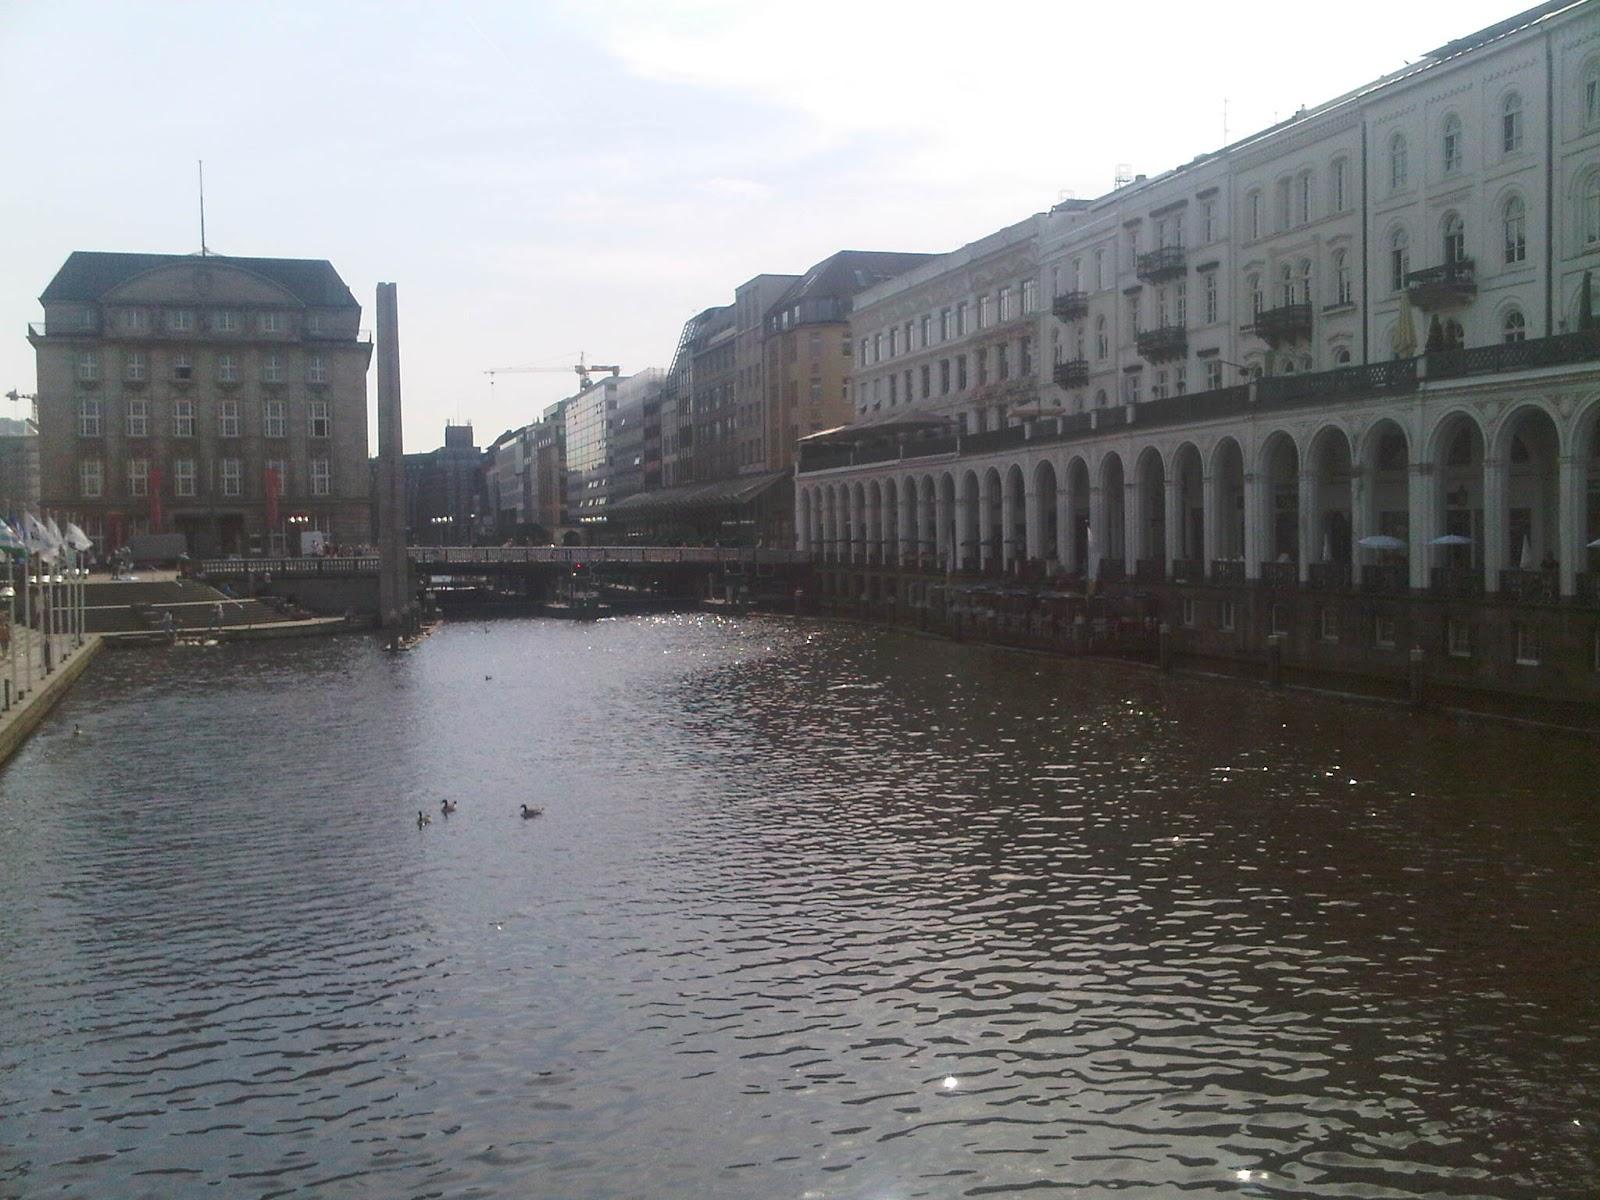 Alster vor dem Rathausplatz, Arkaden, Wasser